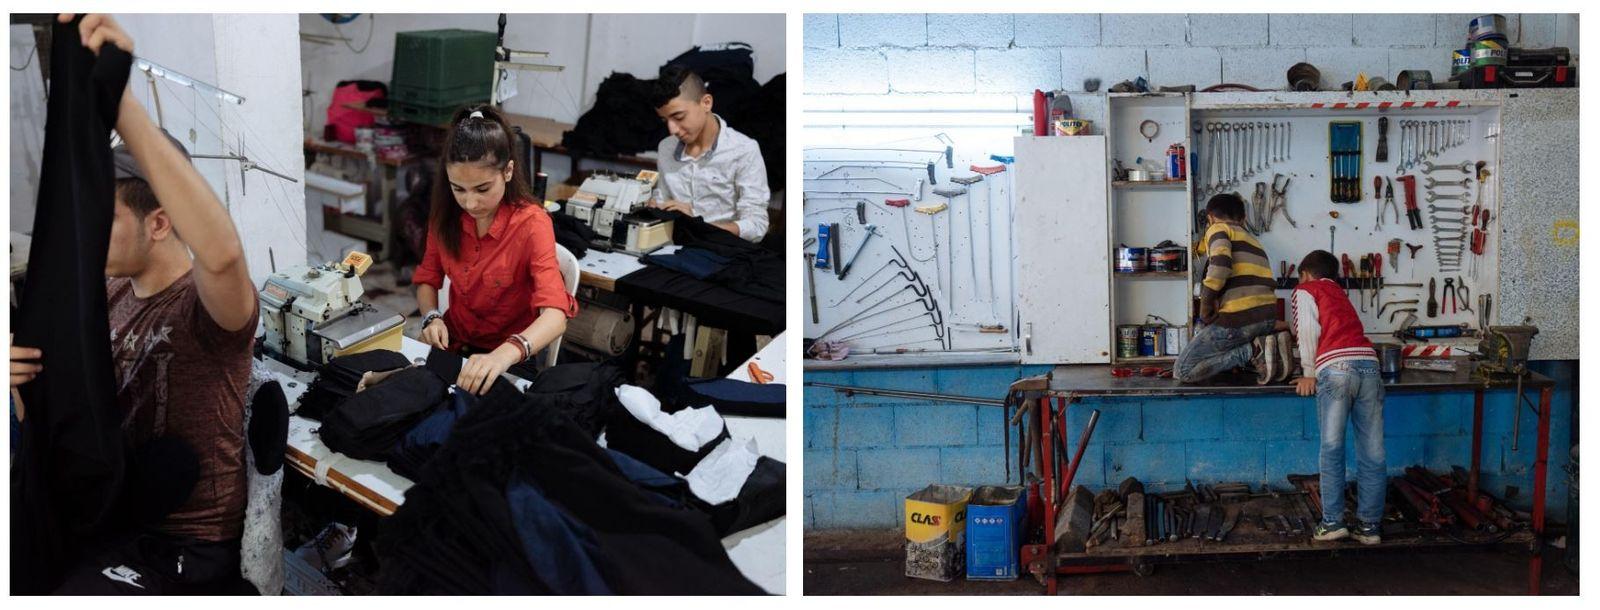 Esquerda: Ao longo dos anos, os enormes períodos de tempo a trabalhar na máquina de costura ...